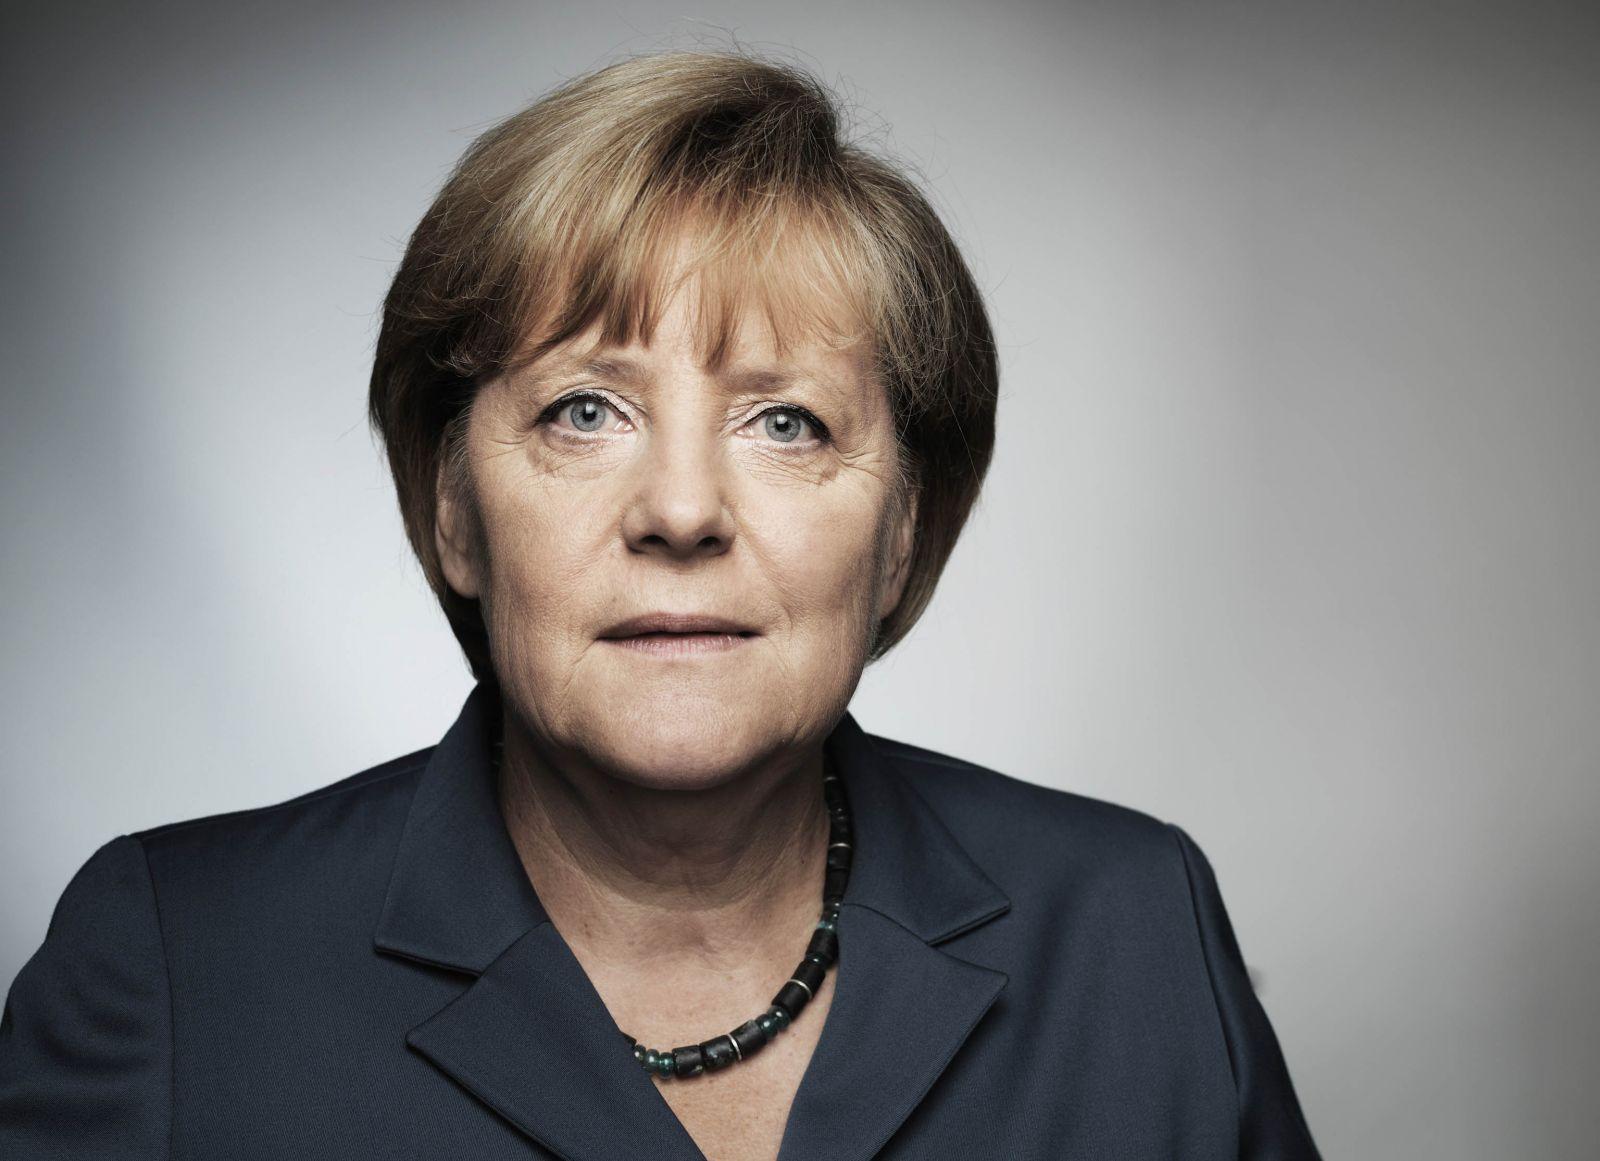 Кто стал самой влиятельной женщиной мира по версии Forbes - фото №1